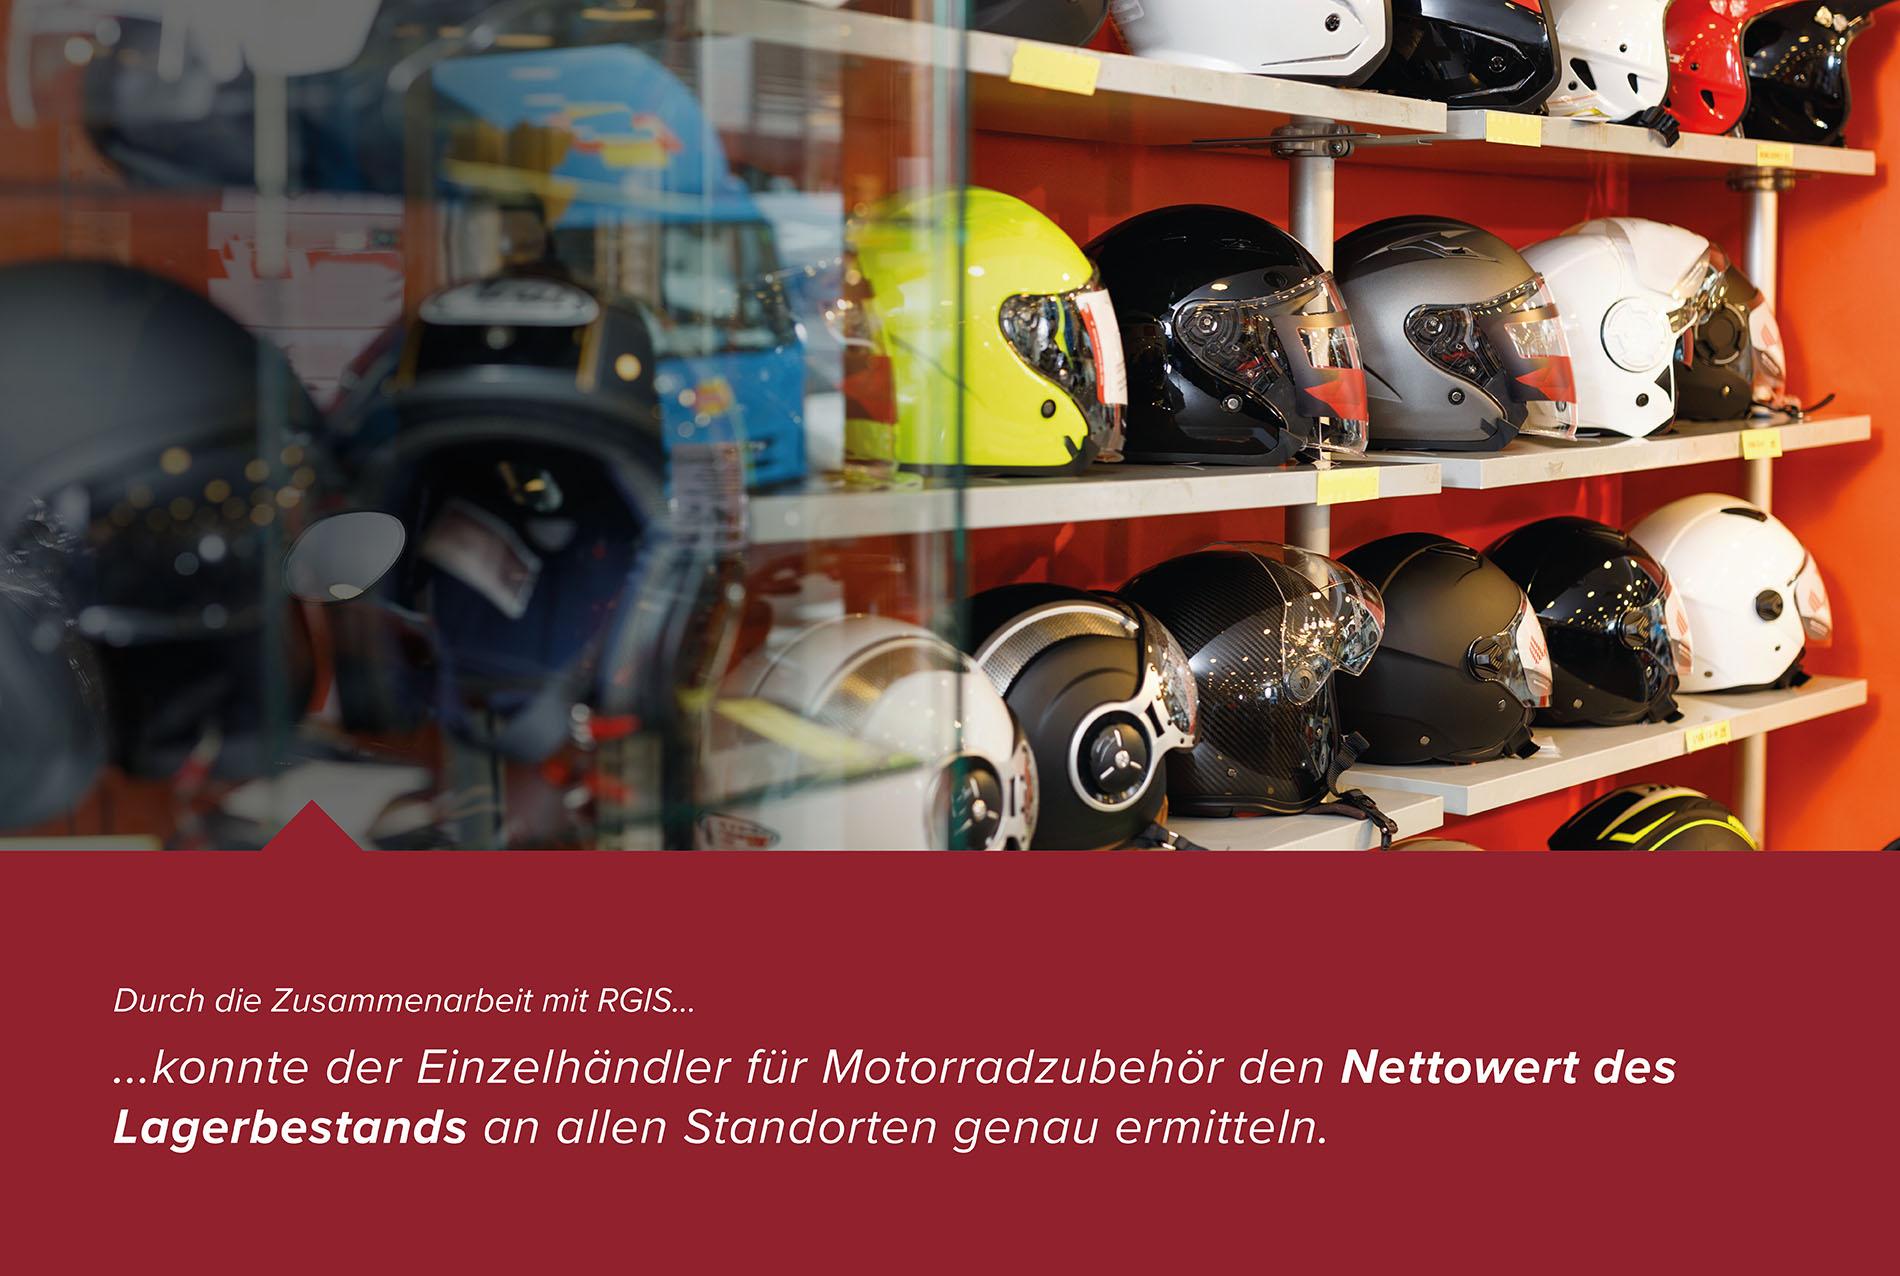 Motorrad-Ausrüstung Laden- und Lagerinventar